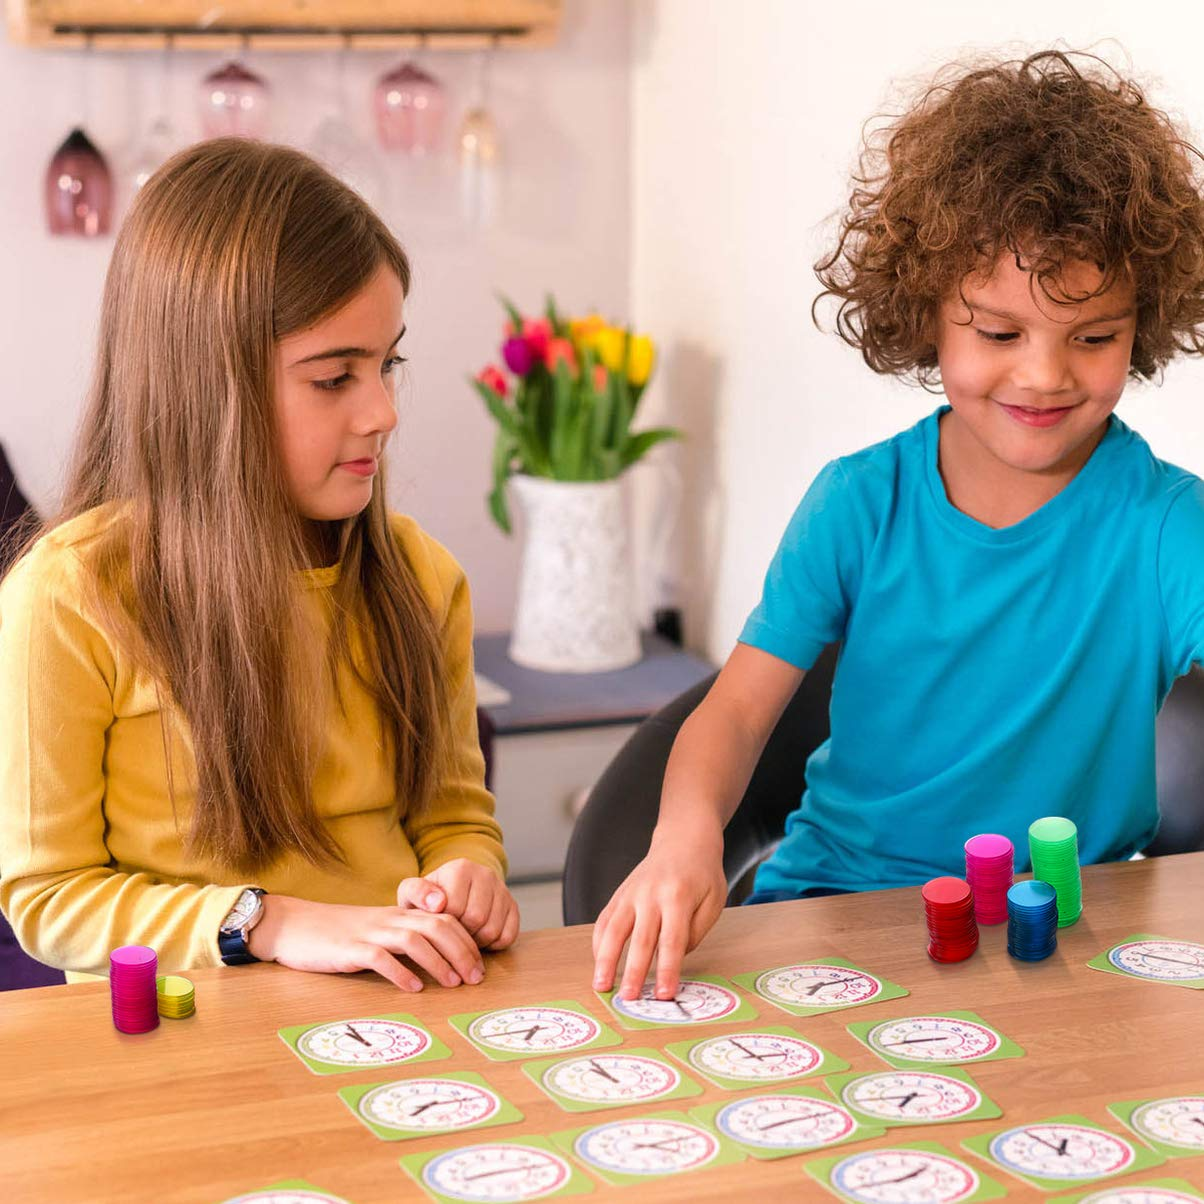 Toyvian 300 Piezas de Tarjetas de Juego de Bingo de pl/ástico de Colores cuentan fichas de Bingo para Juegos de matem/áticas de Fiesta de Carnaval